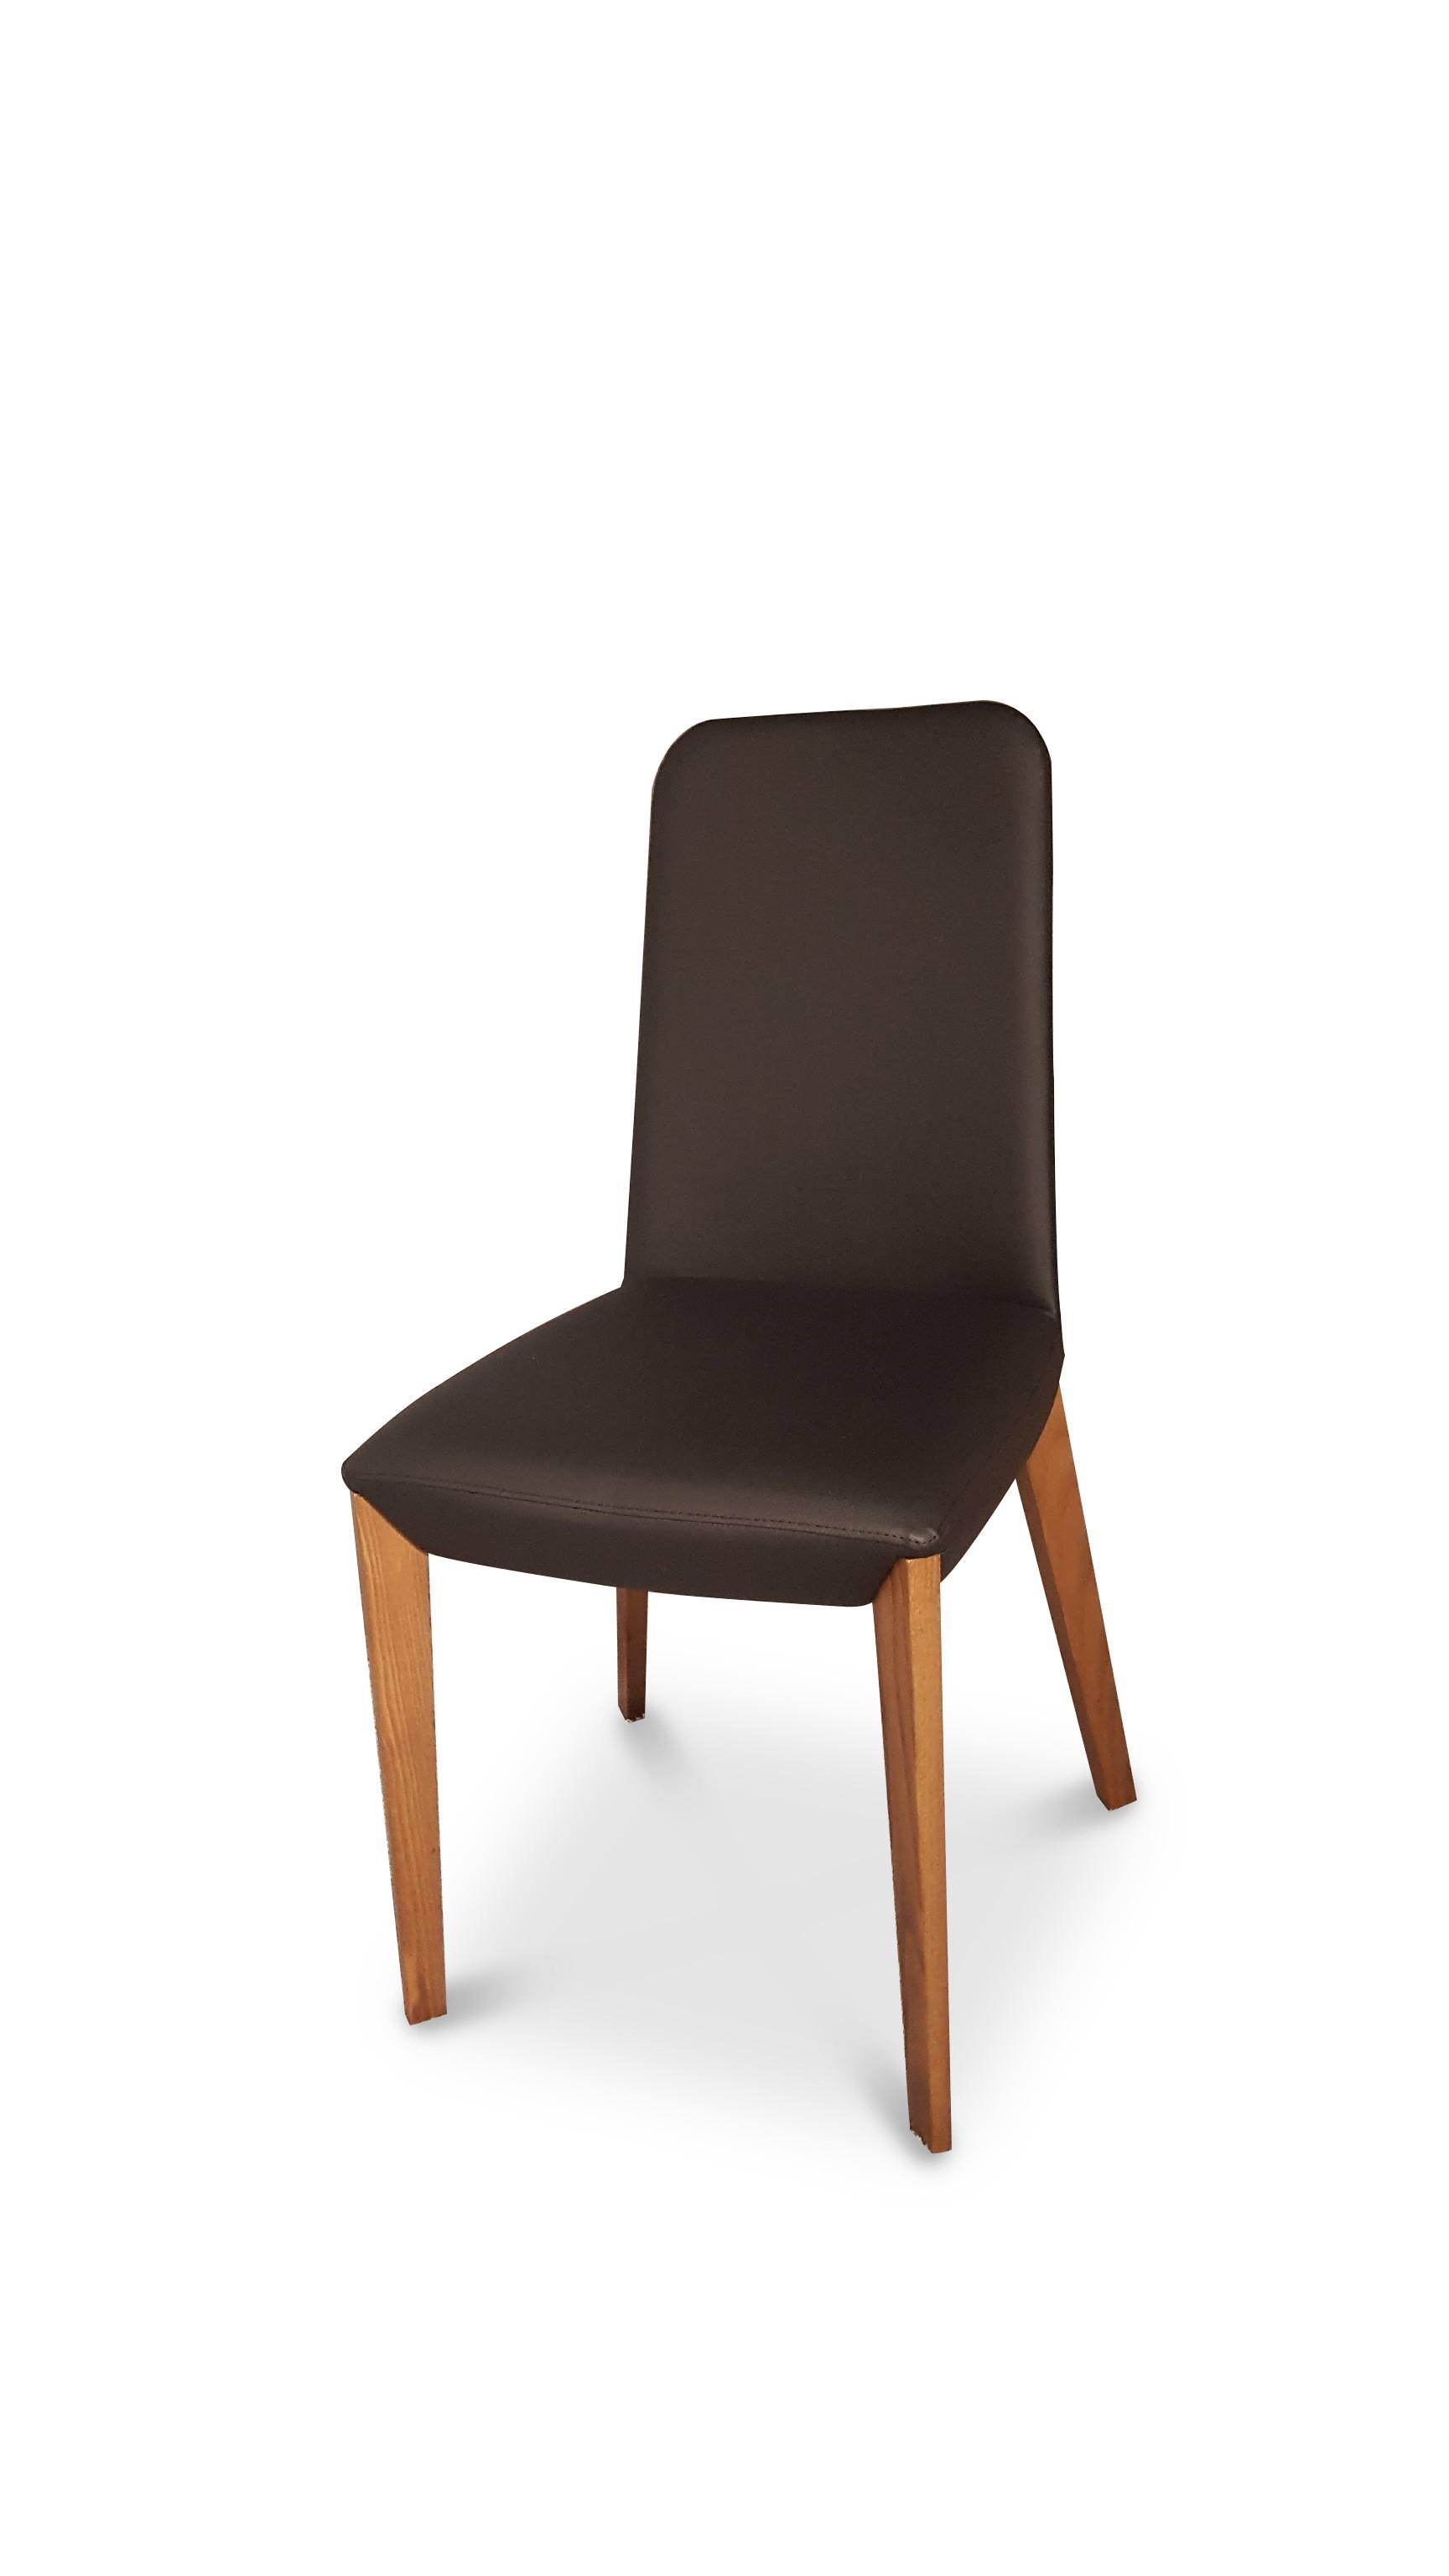 72 Stk. Stühle Julia Lüönd 02